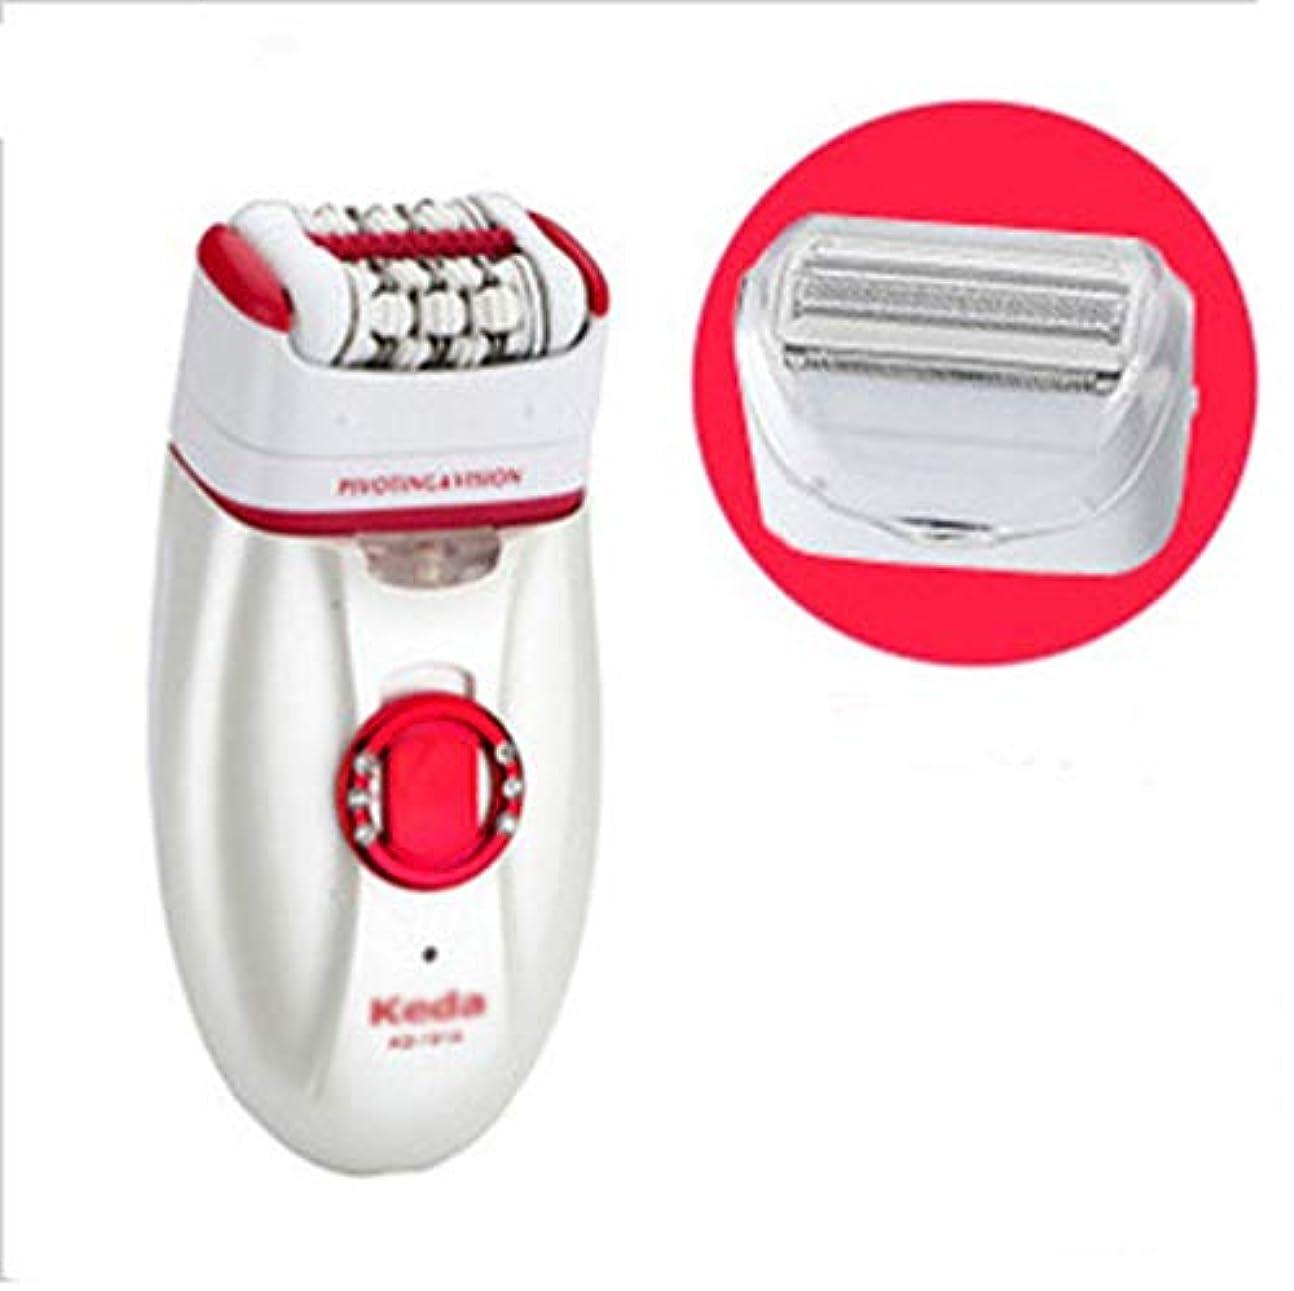 レディース脱毛器コードレス2で1電気脱毛脱毛器、充電式防水電気シェーバーインスタント毛トリマーリムーバー,Red